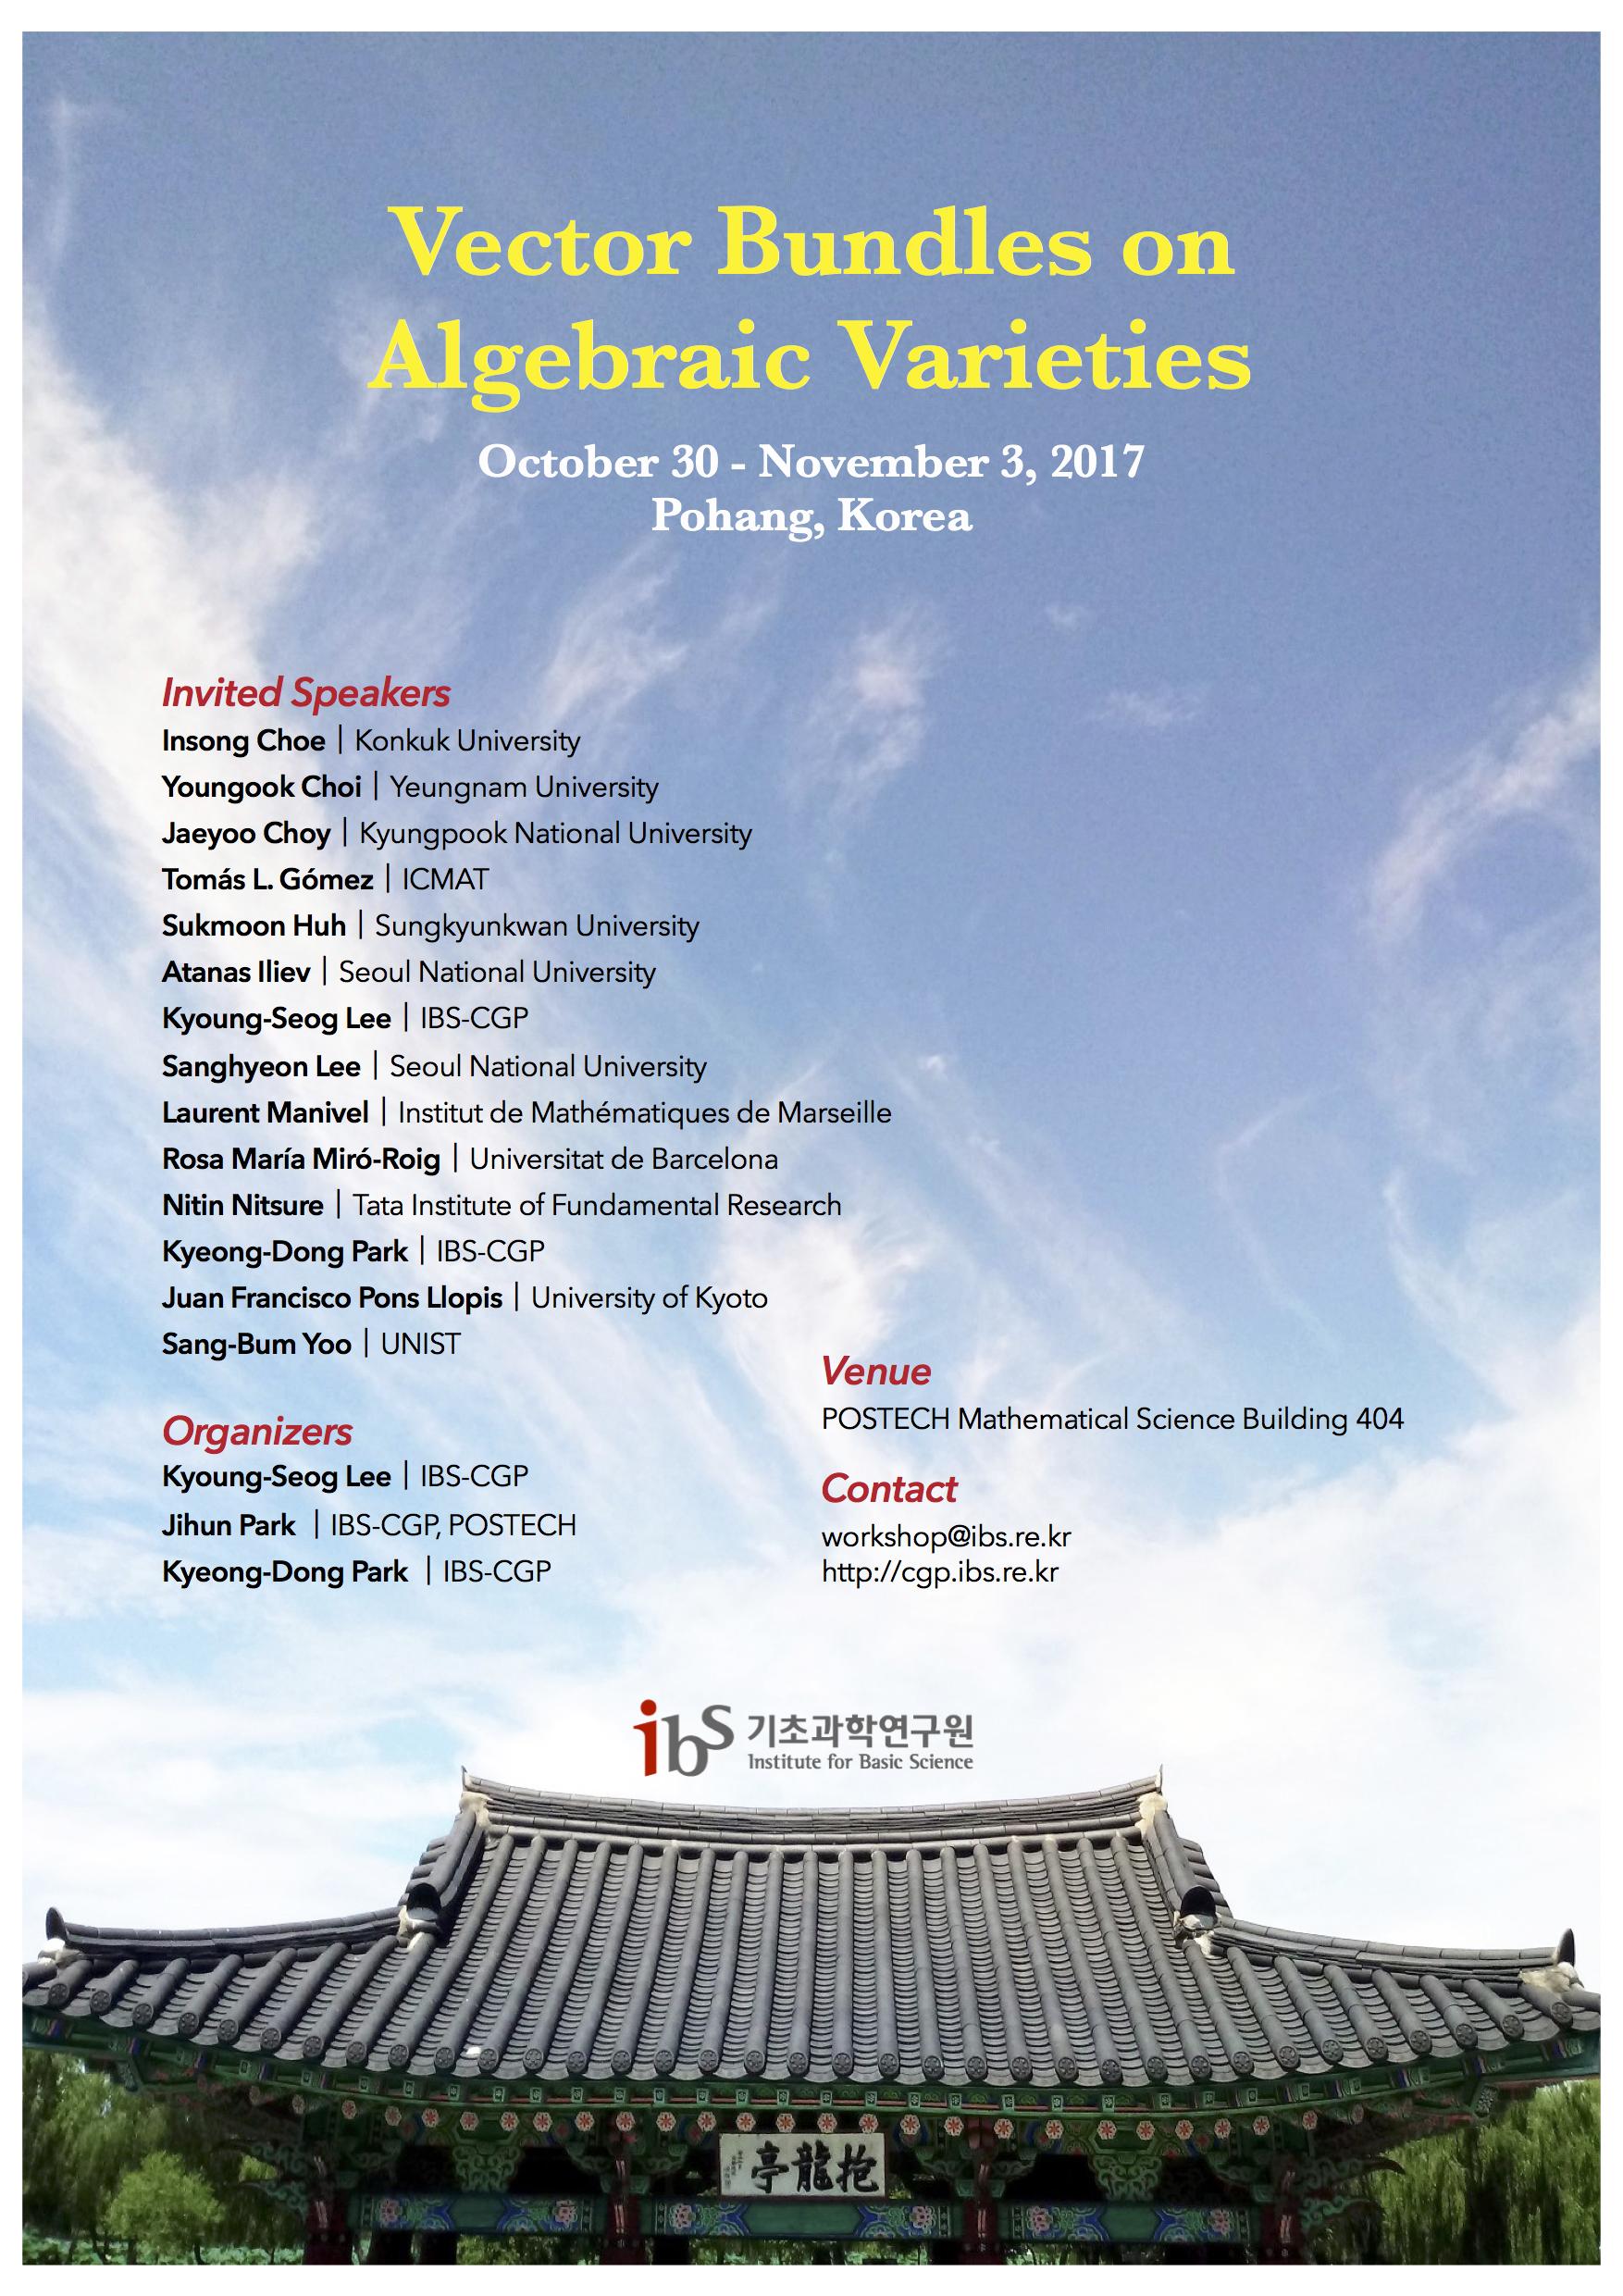 Vector bundles on algebraic varieties